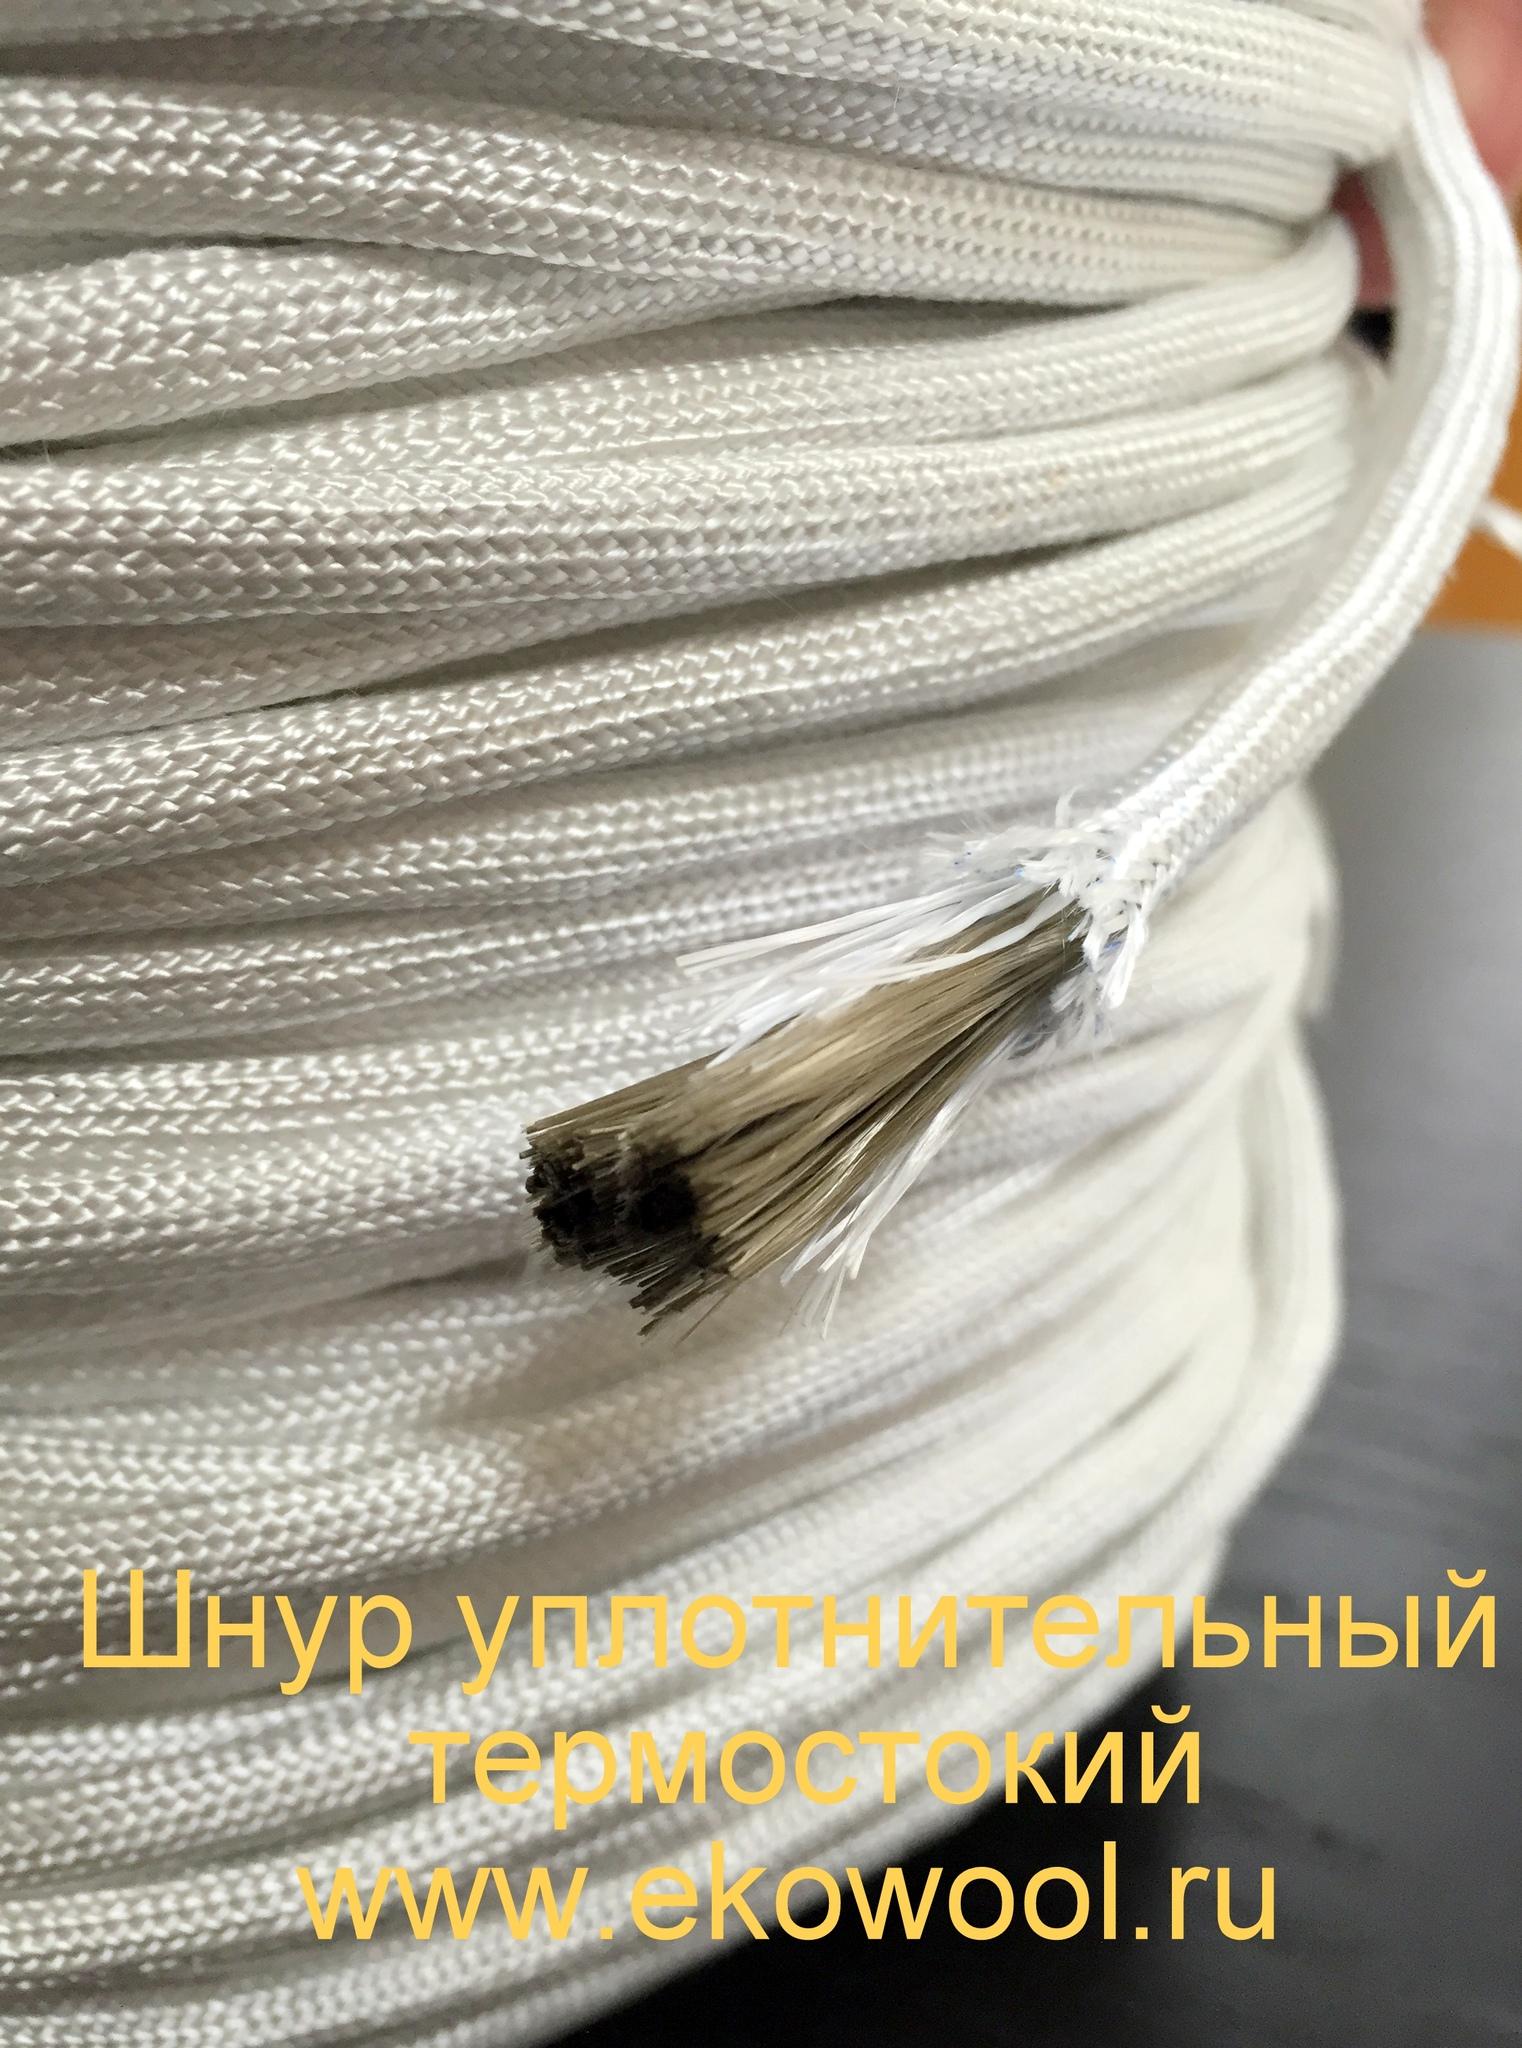 шнур уплотнительный термостойкий ШУК (Б)